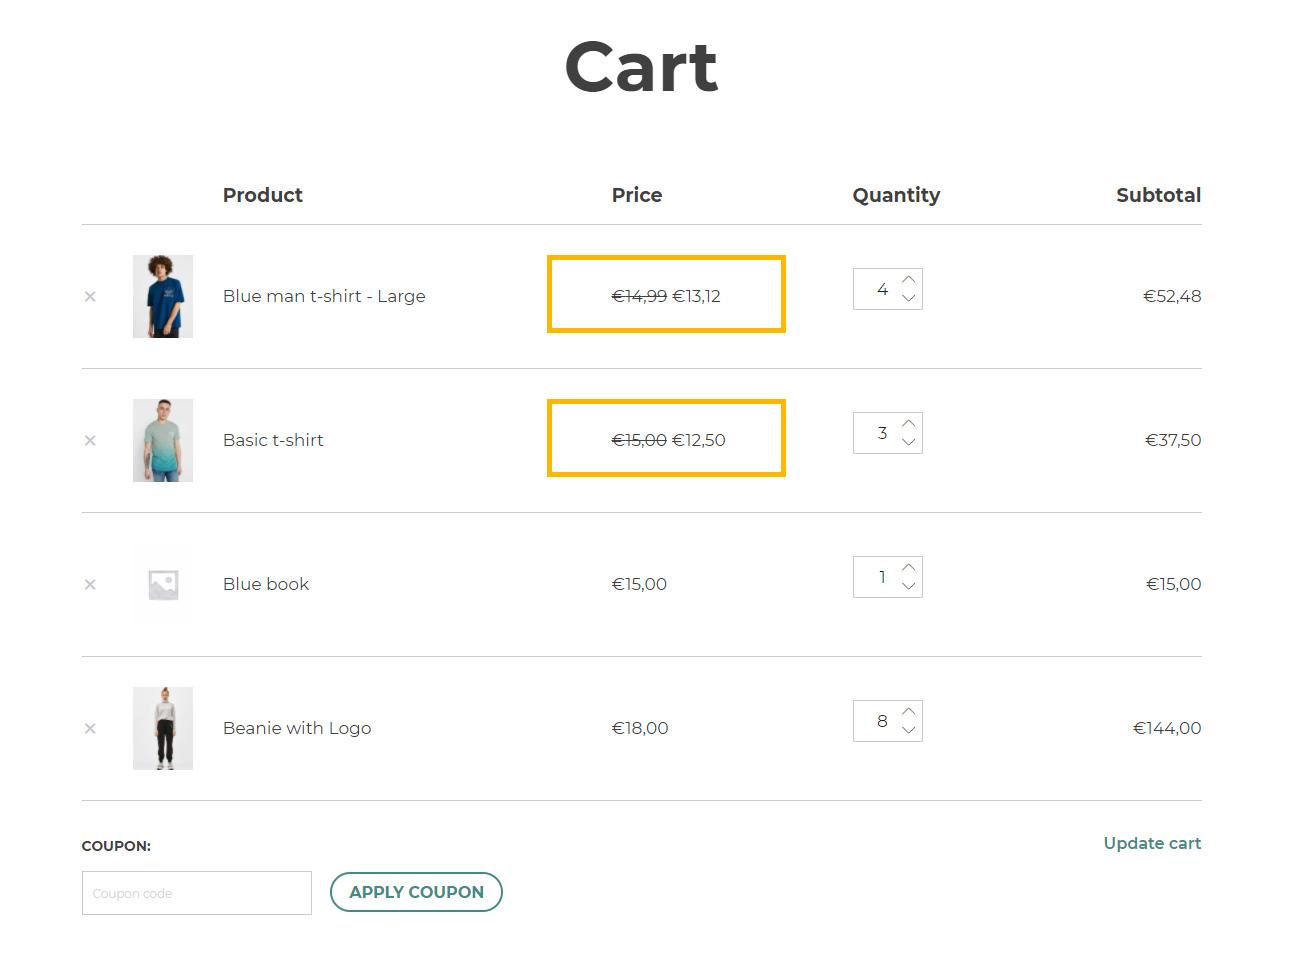 Discount per item line